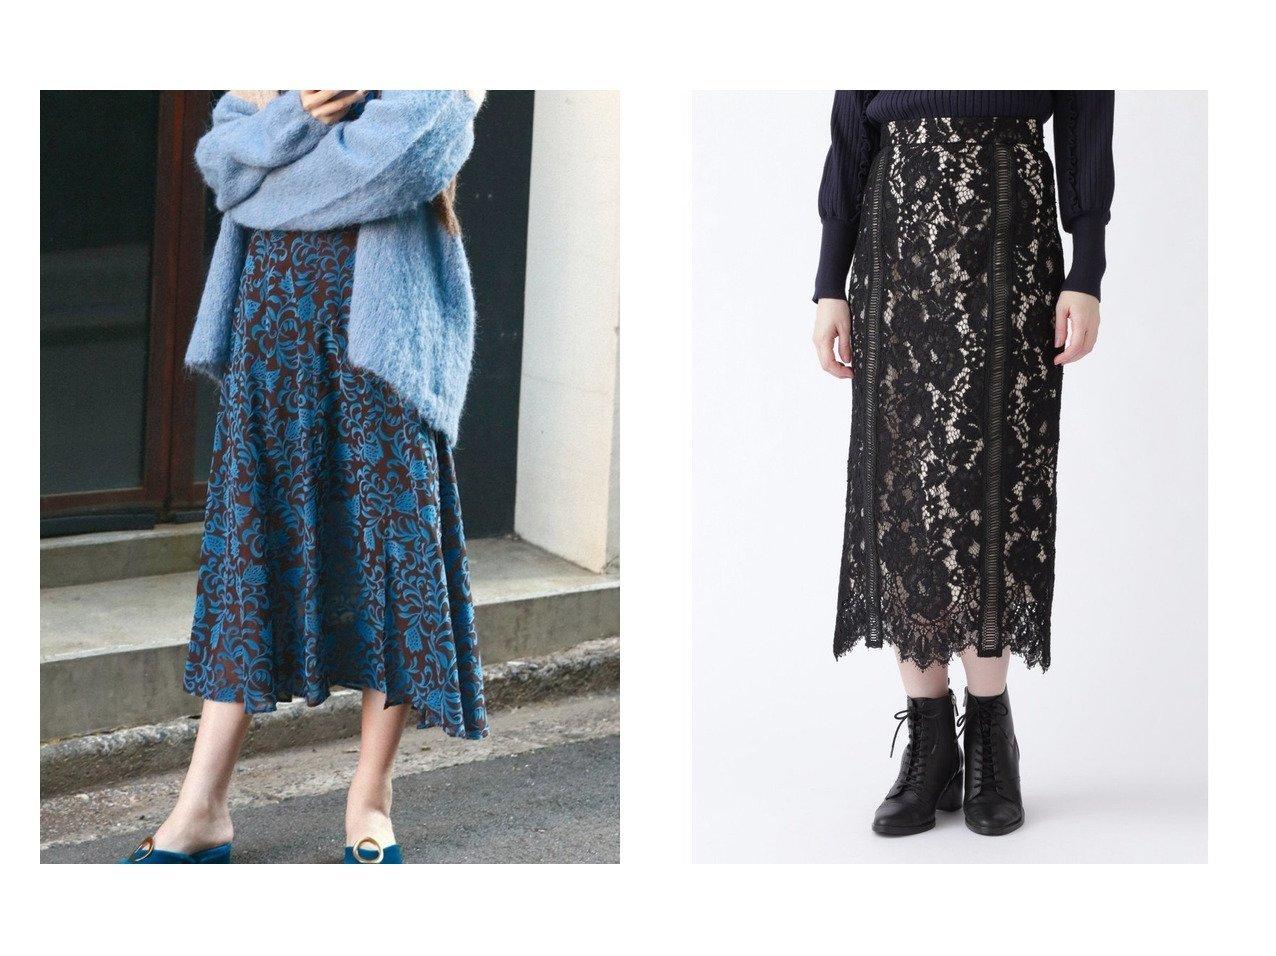 【Lily Brown/リリーブラウン】のフラワーフロッキースカート&【JILLSTUART/ジルスチュアート】のネロレーススカート スカートのおすすめ!人気、レディースファッションの通販 おすすめで人気のファッション通販商品 インテリア・家具・キッズファッション・メンズファッション・レディースファッション・服の通販 founy(ファニー) https://founy.com/ ファッション Fashion レディース WOMEN スカート Skirt ロングスカート Long Skirt オリエンタル スリット セットアップ フレア ベロア ロング ヴィンテージ インナー グログラン パイピング ミックス レース  ID:crp329100000005317